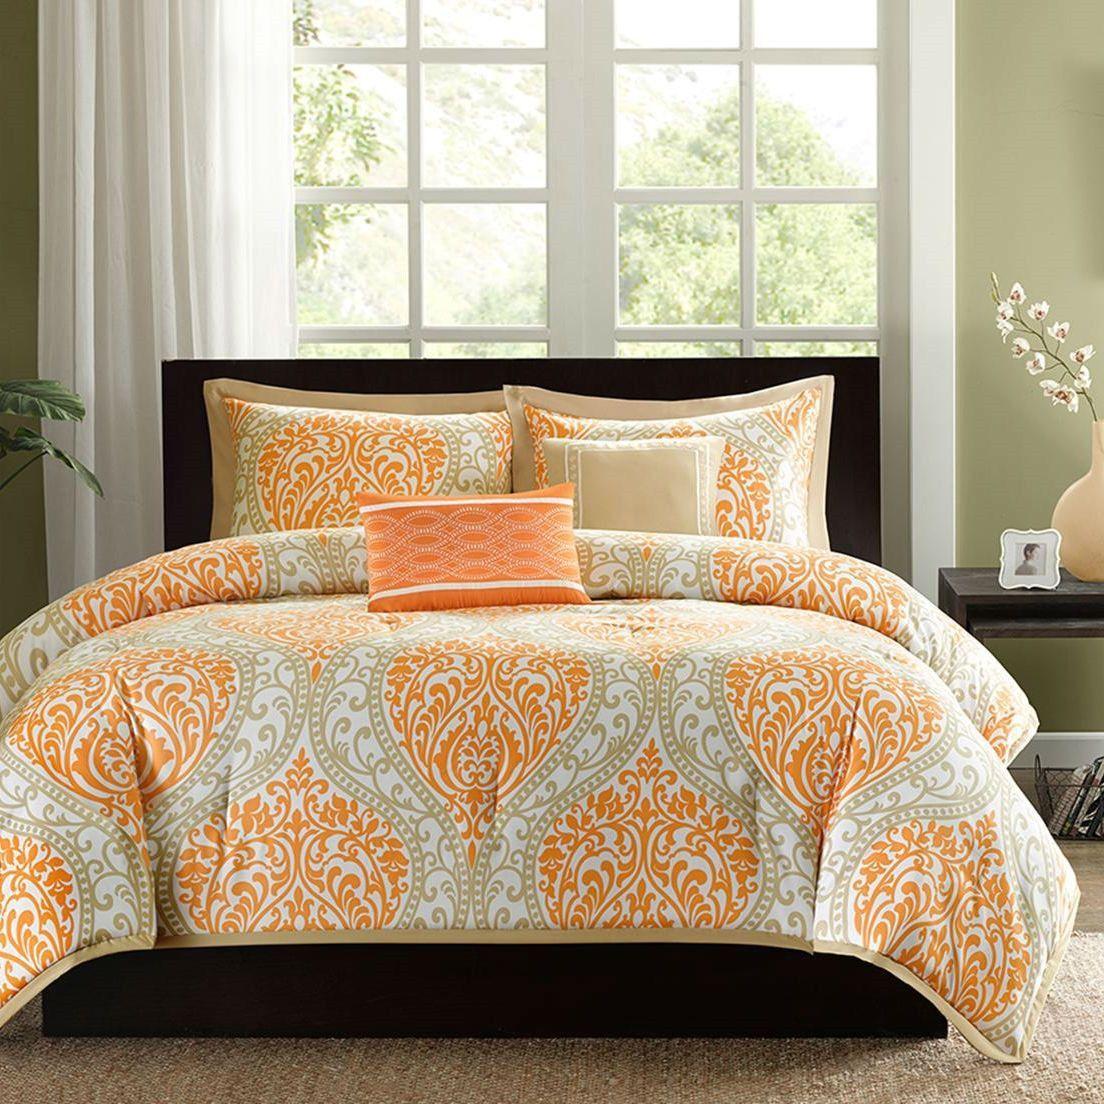 King size 5 piece comforter set in orange damask print - King size bedroom comforter sets ...